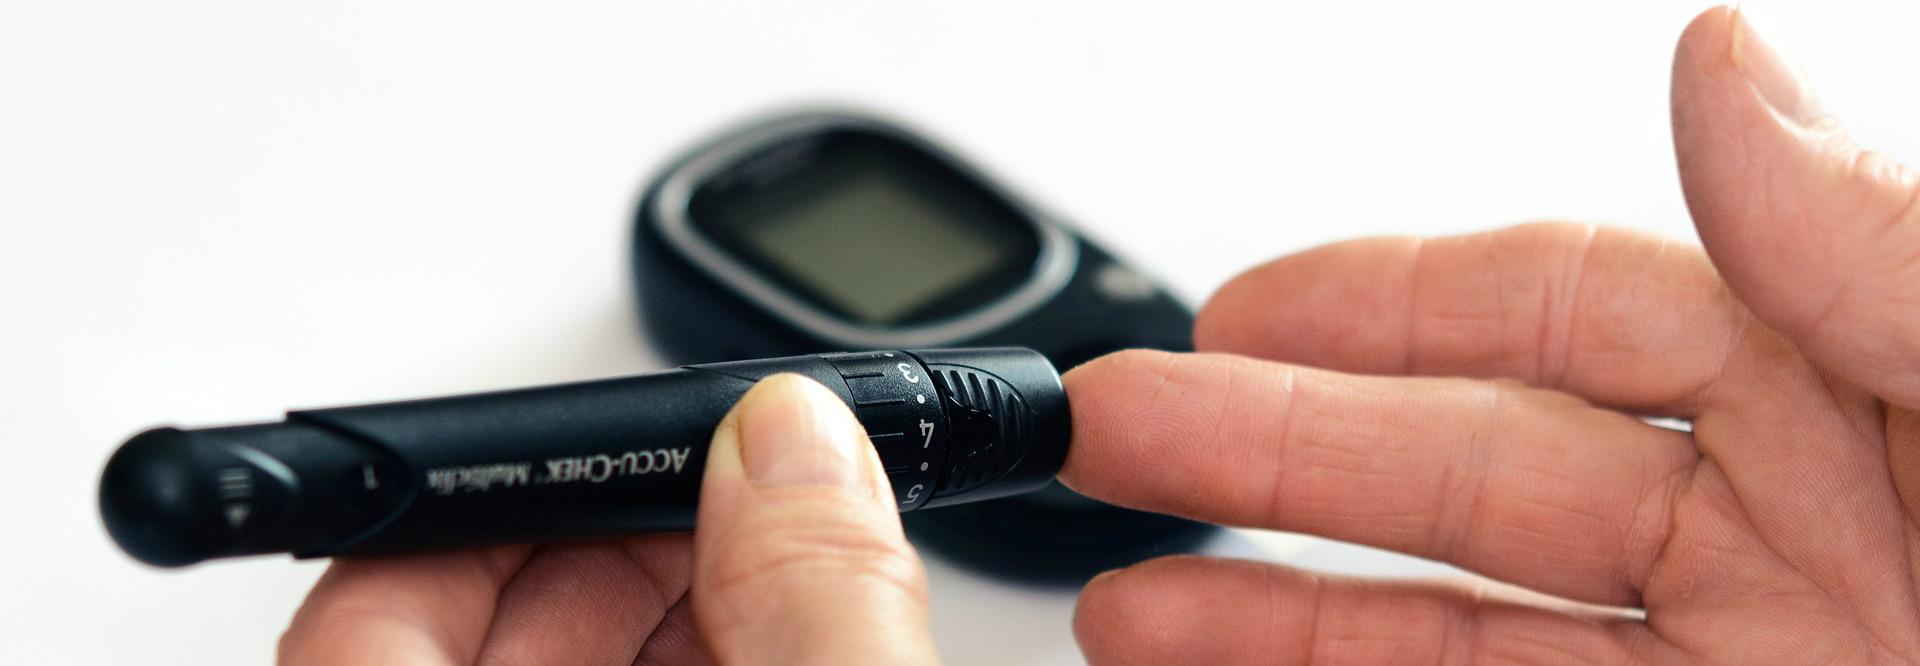 Los diabéticos podrían decir adiós a los pinchazos